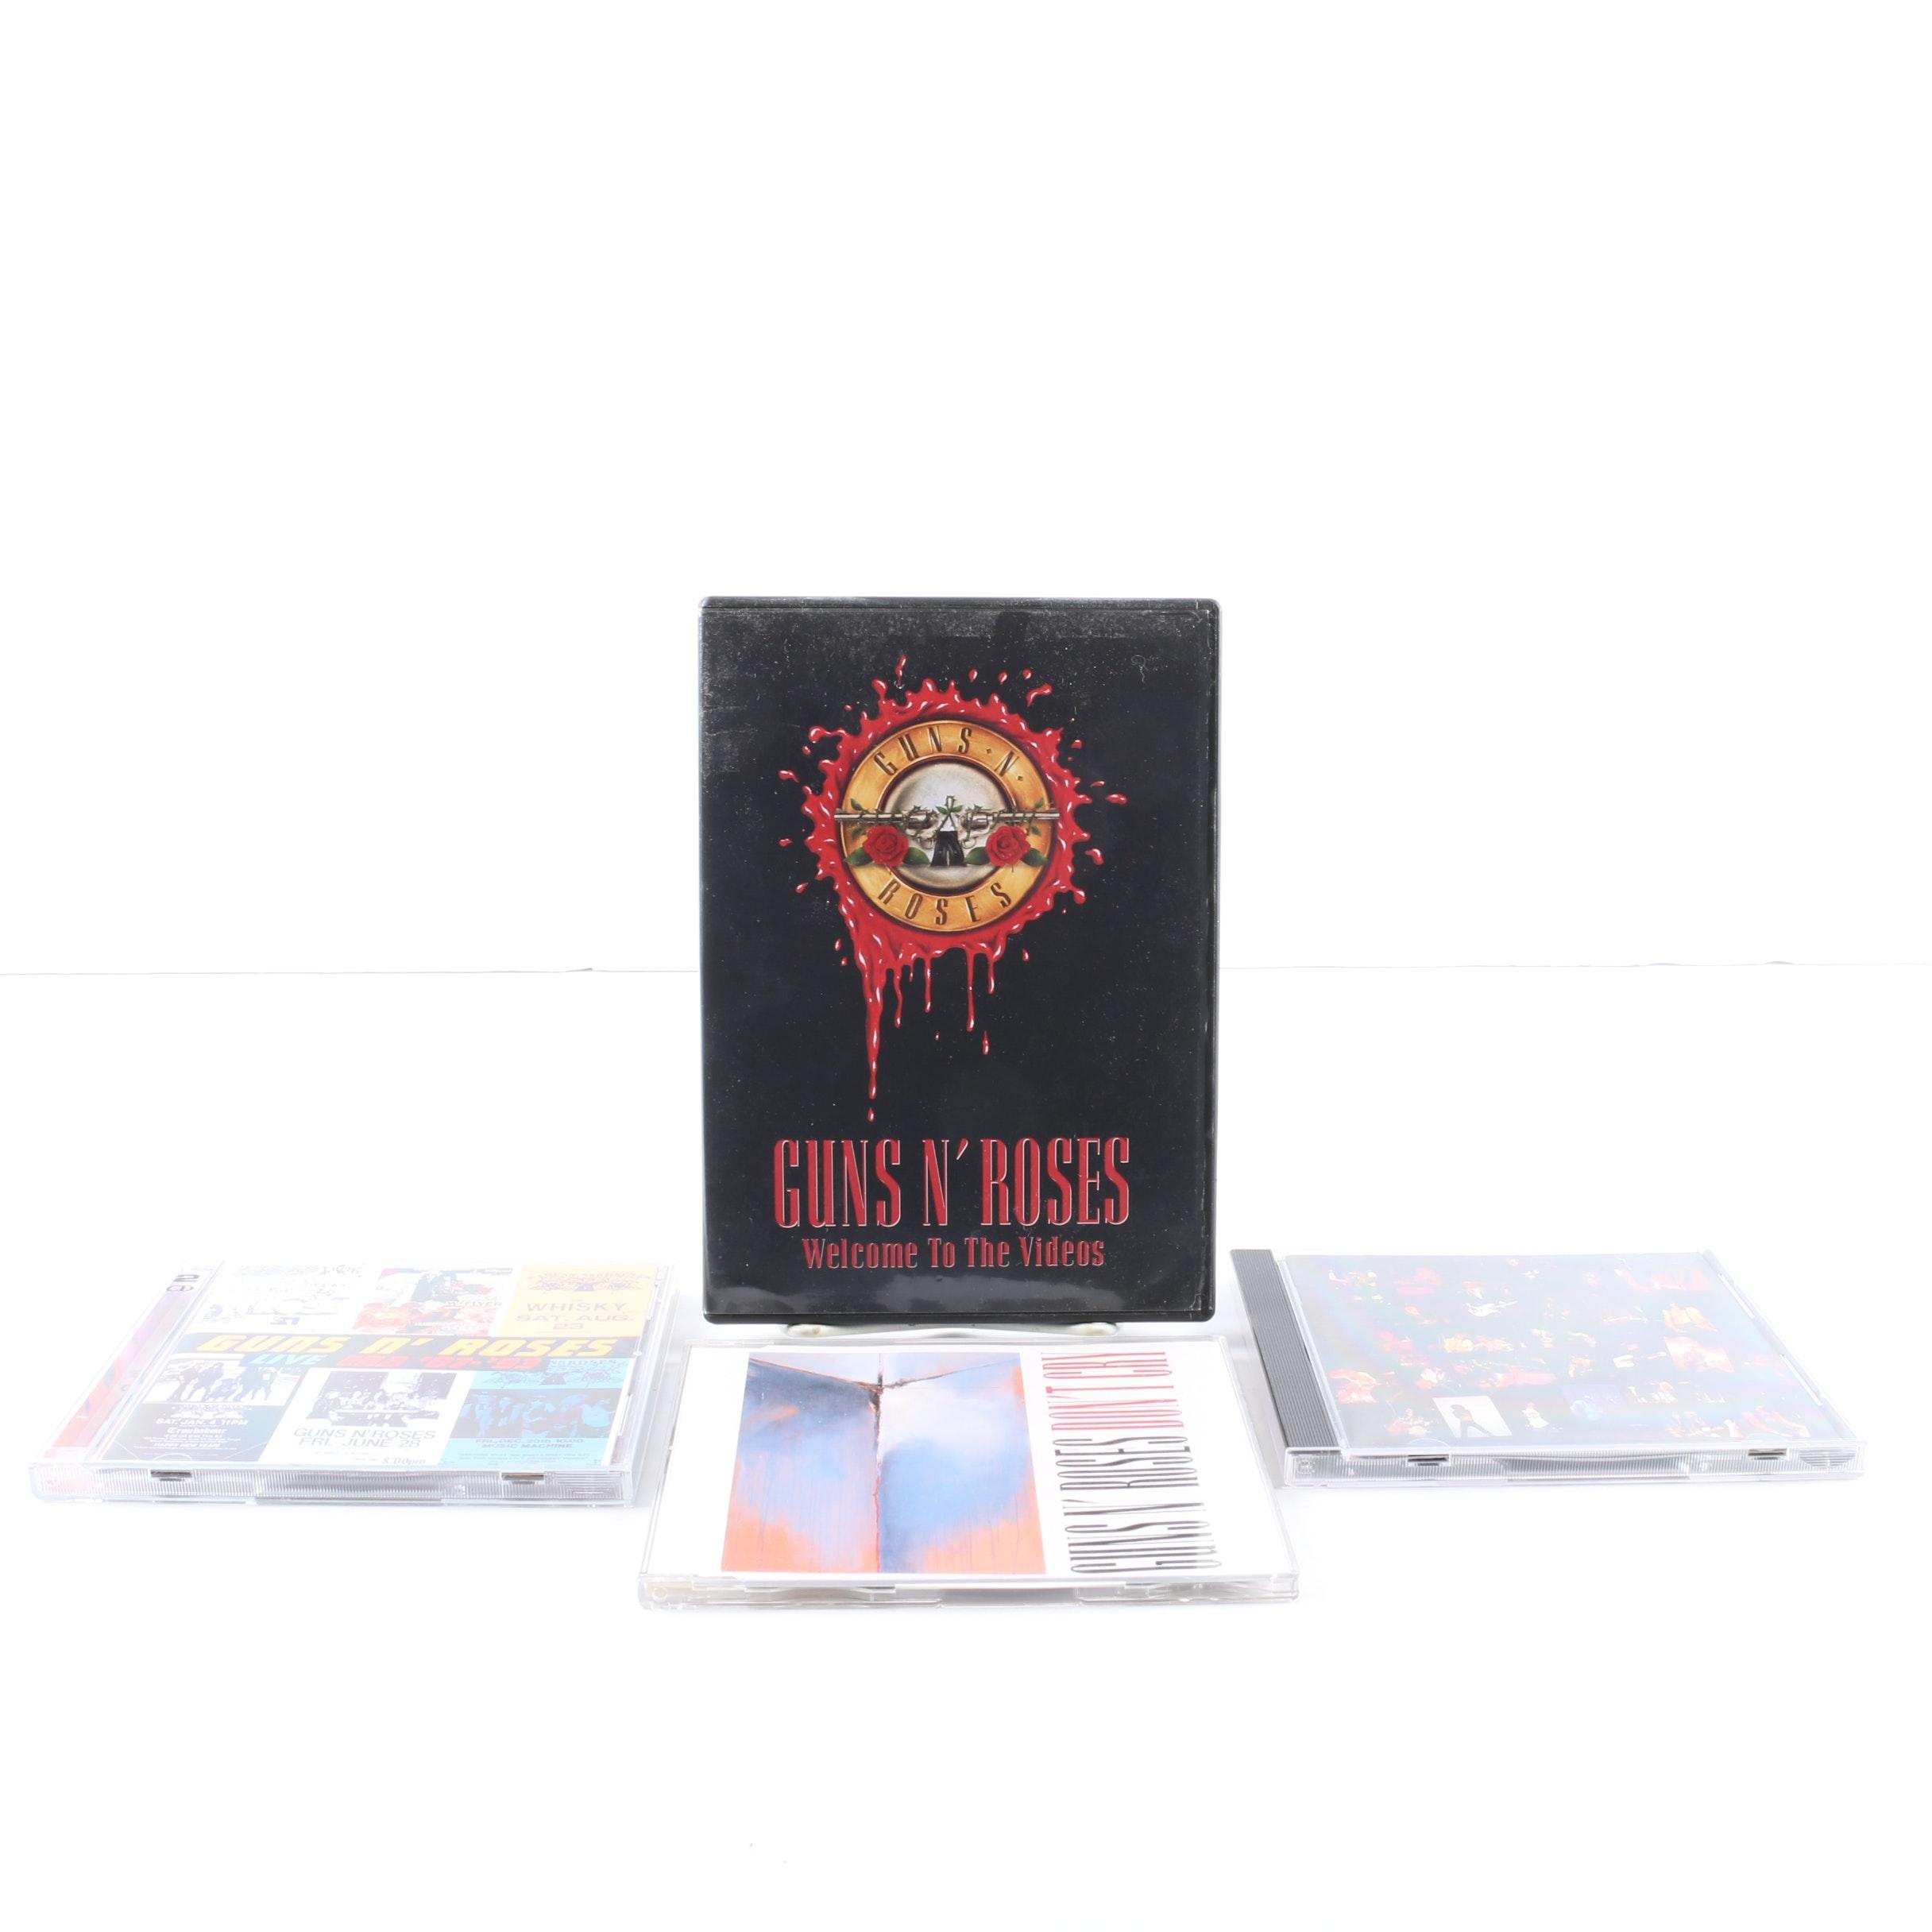 """Guns N' Roses CDs and DVDs Including """"Appetite For Destruction"""" Misprint"""